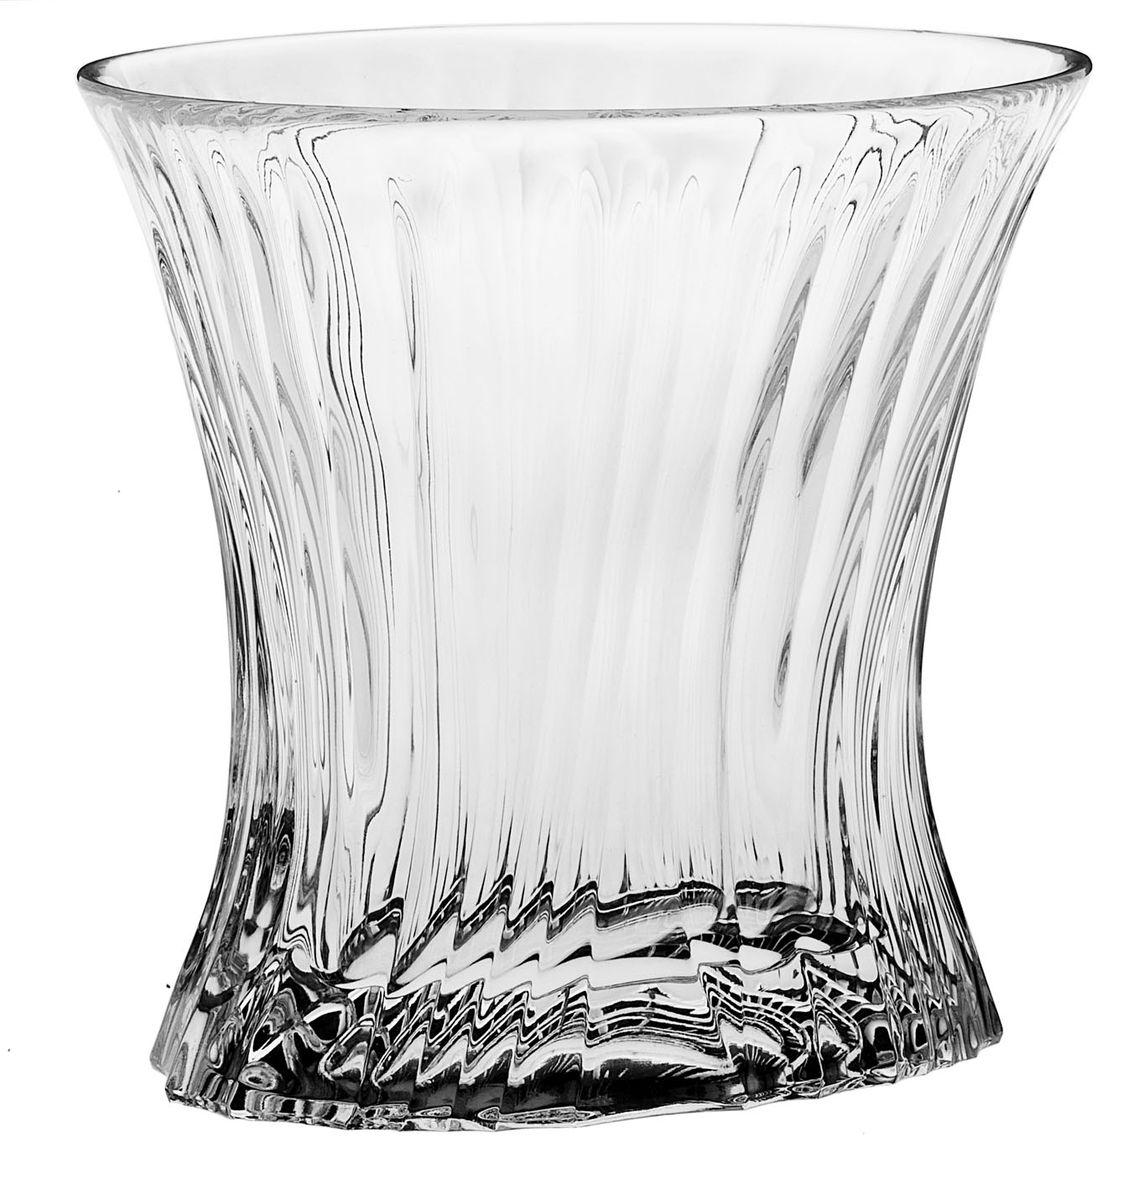 Набор стаканов Crystal Bohemia, 250 мл, 6 шт. 990/21205/0/05101/250-609990/21205/0/05101/250-609Набор Crystal Bohemia состоит из шести стаканов. Изделия выполнены из хрусталя. Предметы набора имеют прозрачную поверхность и декорированы рельефом. Они излучают приятный блеск и издают мелодичный звон.Набор Crystal Bohemia прекрасно оформит интерьер кабинета или гостиной и станет отличным дополнением бара. Такой набор также станет хорошим подарком к любому случаю. Диаметр стакана (по верхнему краю): 10 см. Высота стакана: 9,5 см. Размер дна стакана: 8,5 см х 6 см.